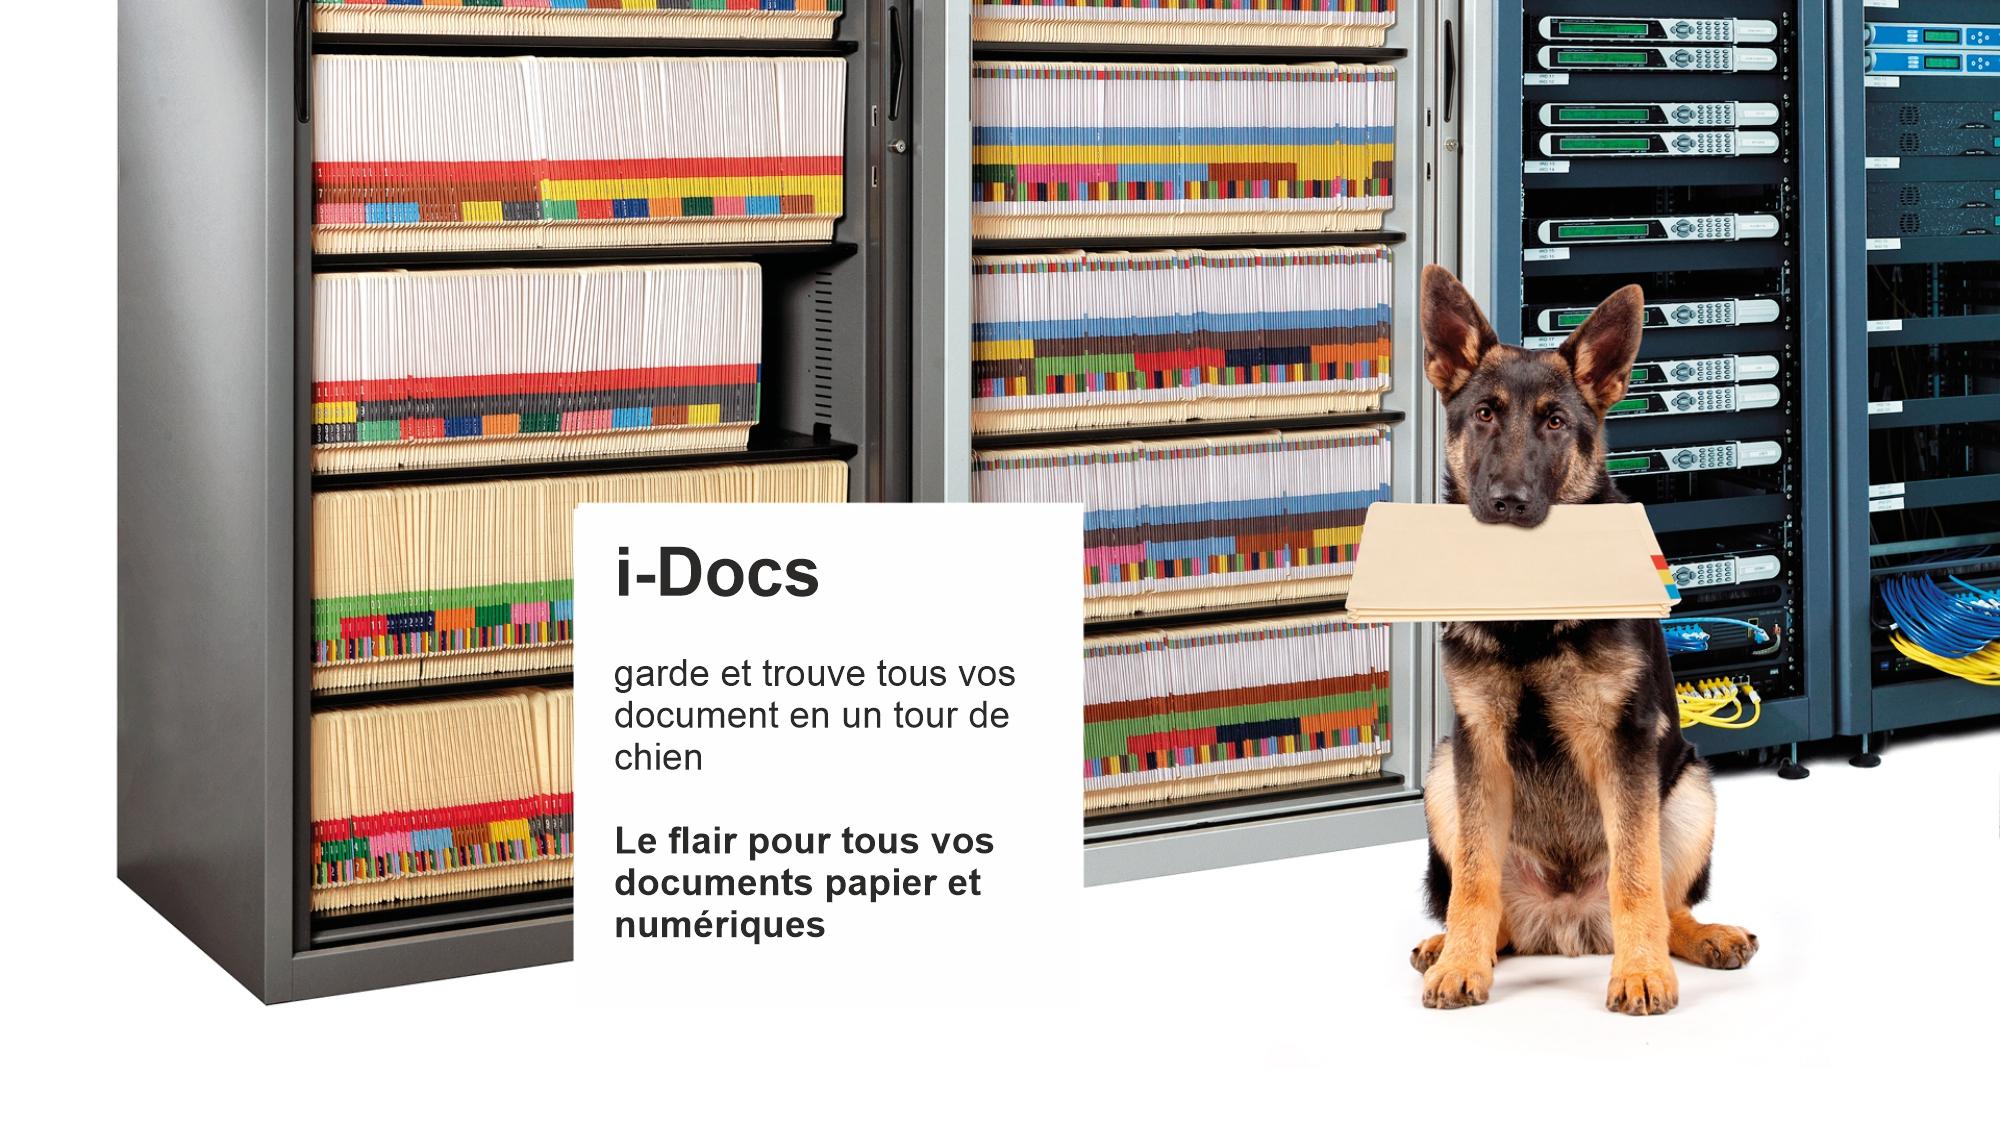 i-Docs, la méthode pour organiser vos documents papier et numériques